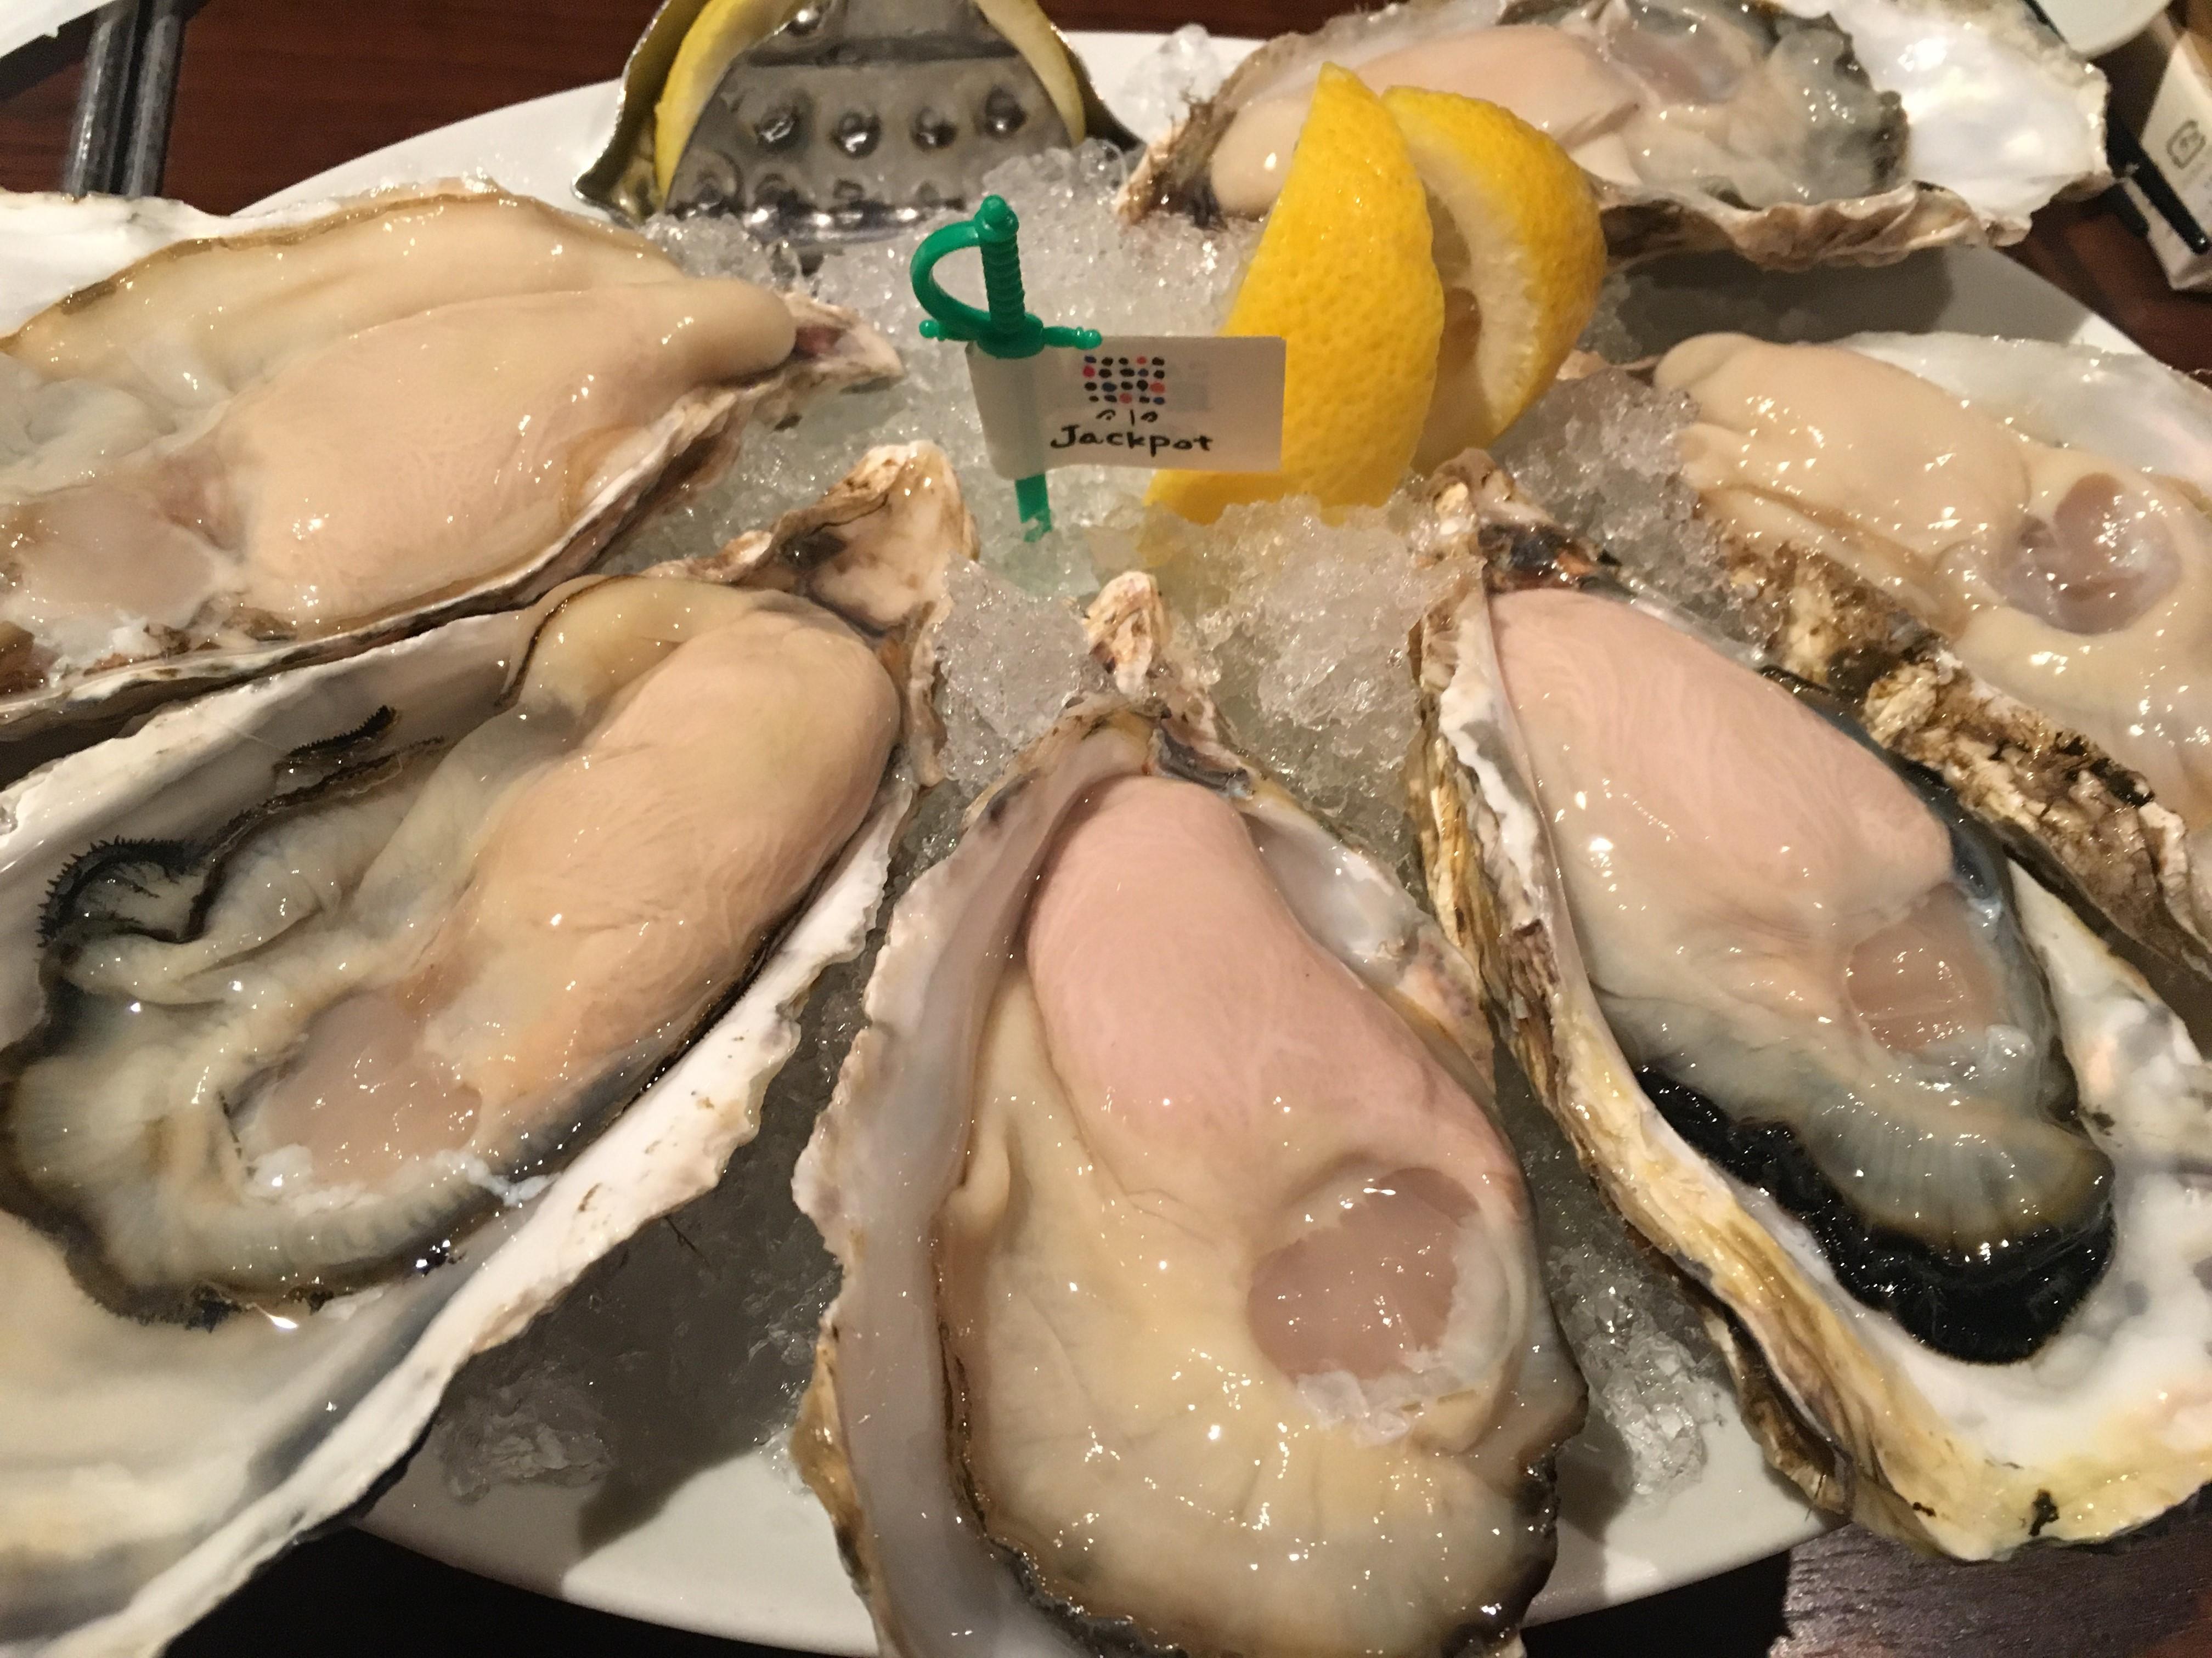 【下北沢】美味しい生牡蠣が食べれる「ジャックポット」に行ってみた感想・レビュー